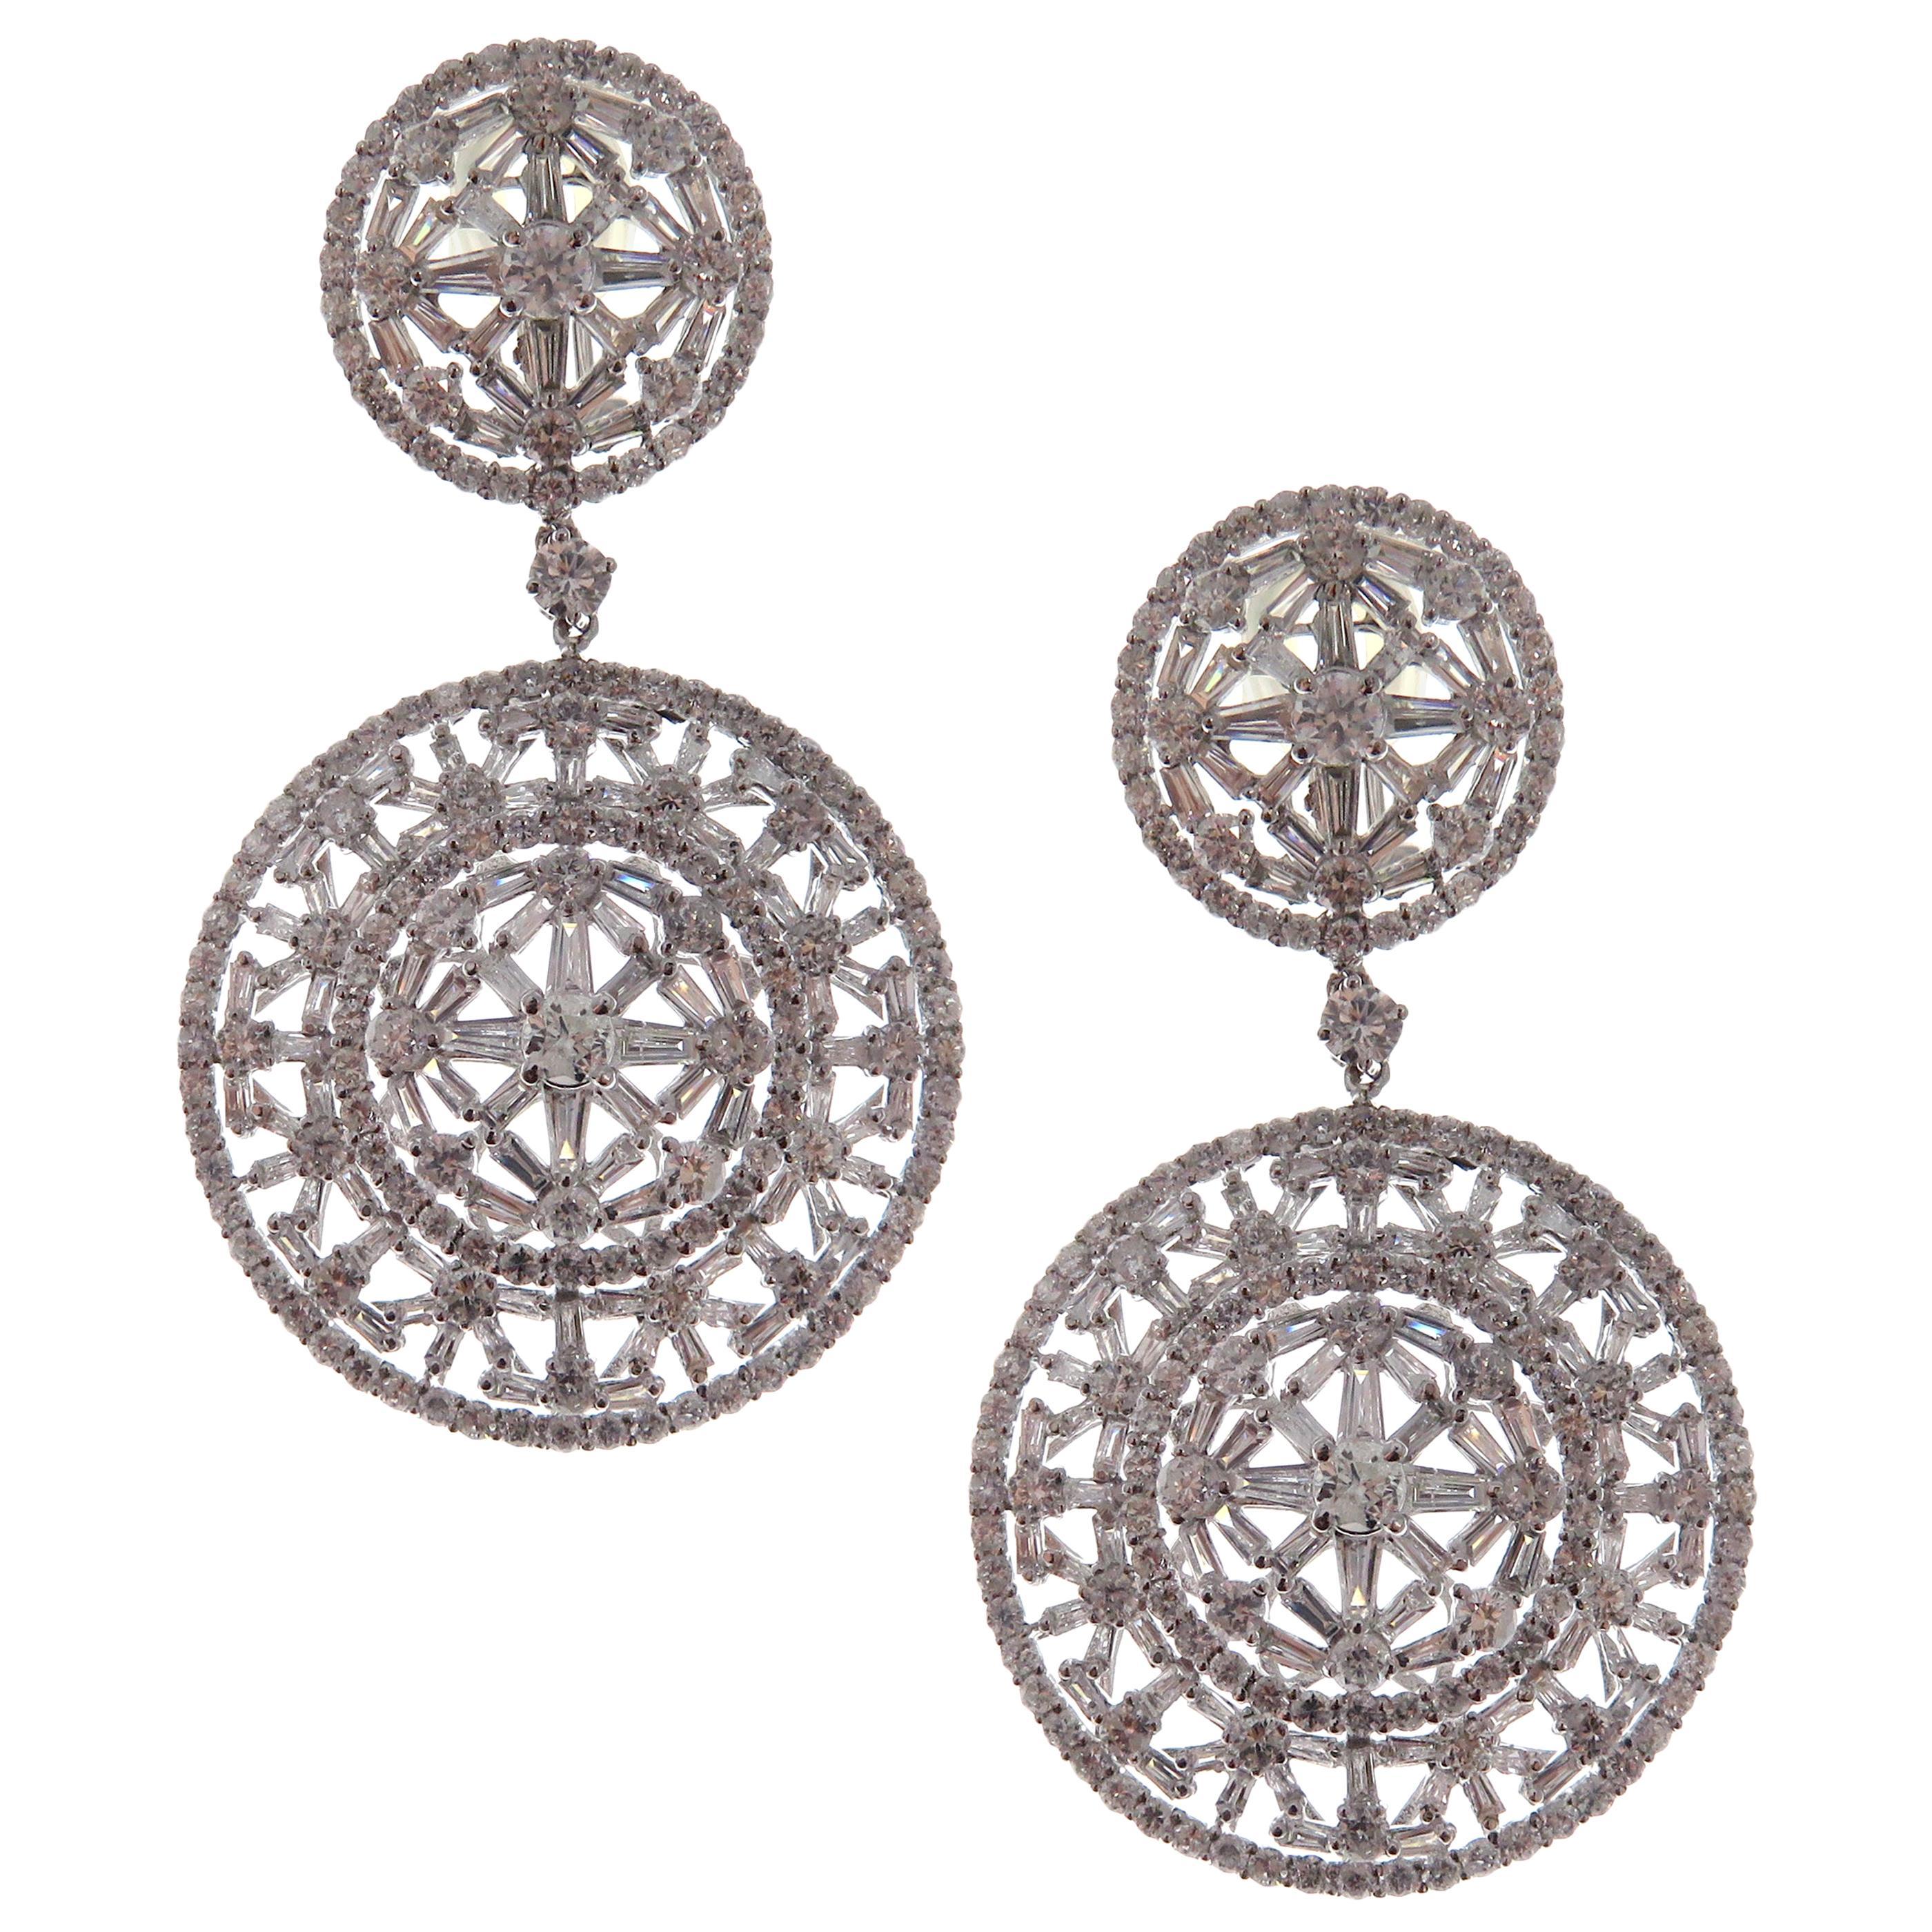 18 Karat White Gold White Diamond Intricate Circle Dangling Earring